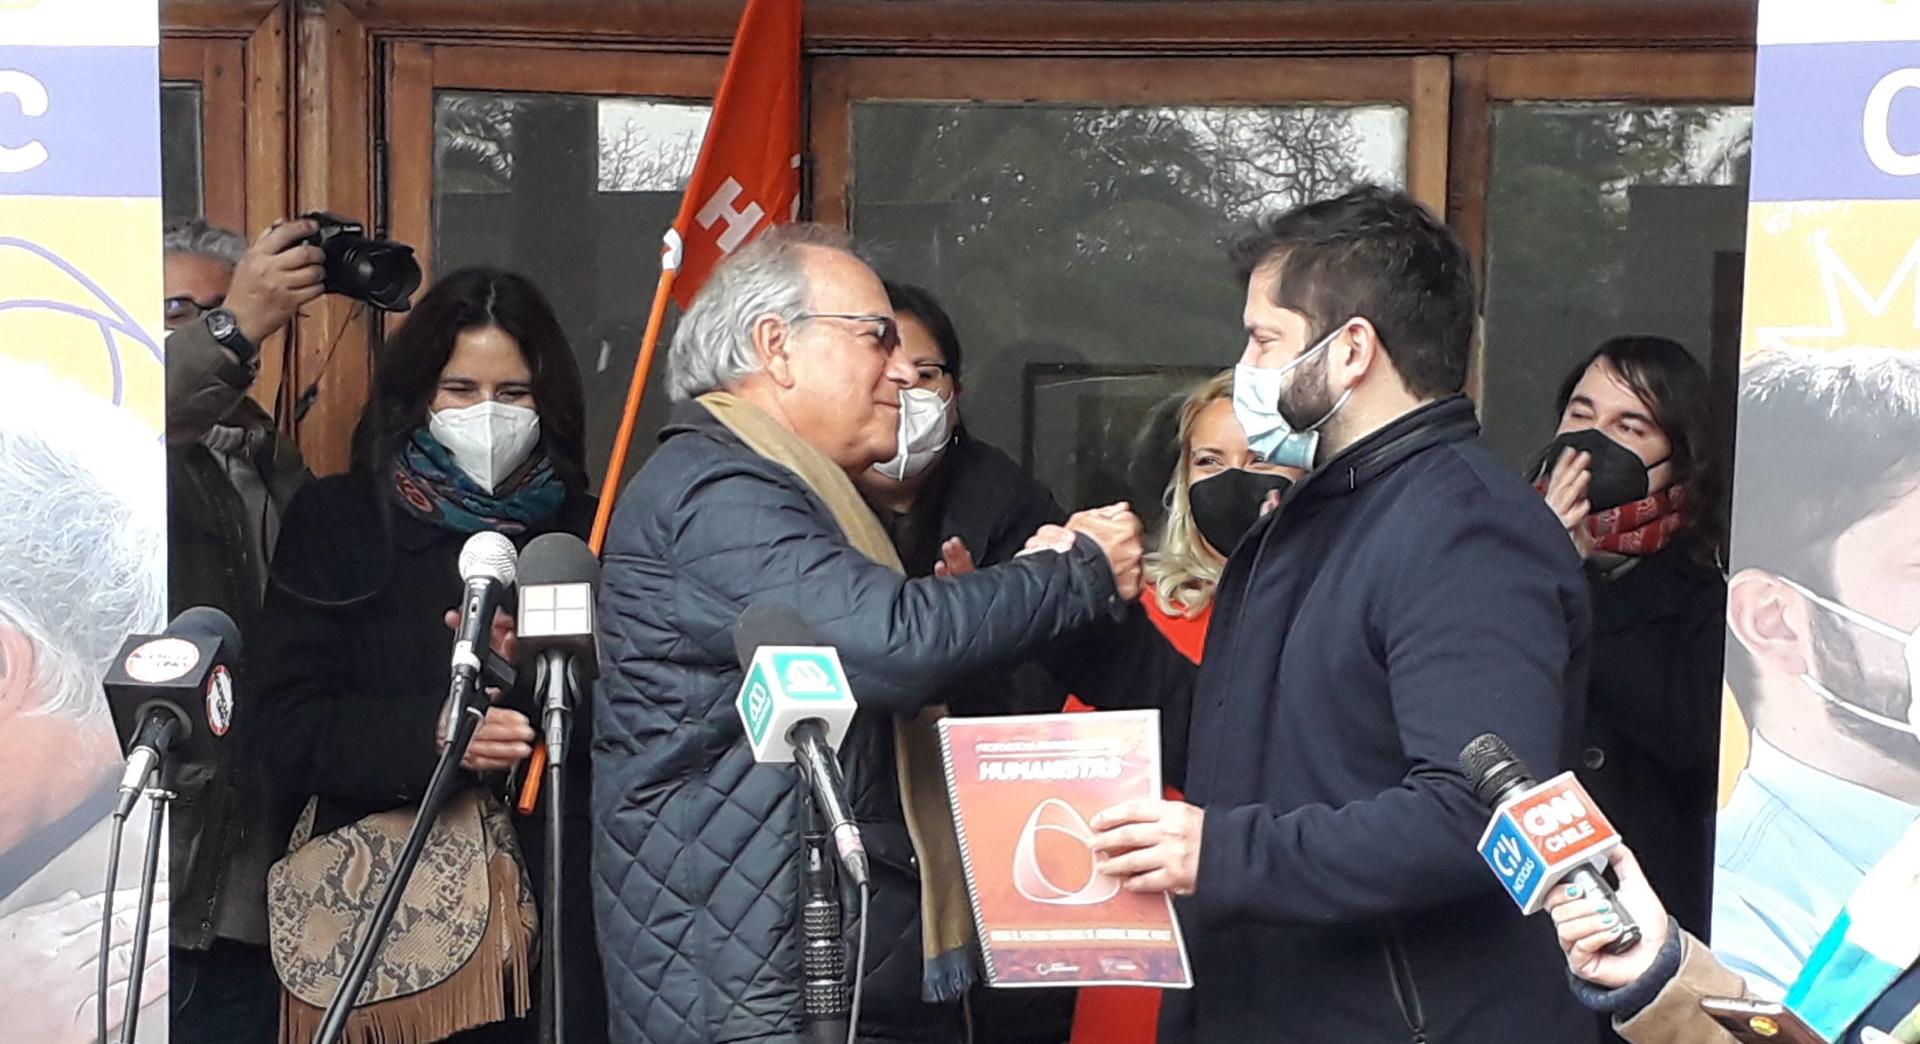 Chile: Humanistische Aktion ernennt Gabriel Boric zu ihrem Präsidentschaftskandidaten für die Wahlen im November